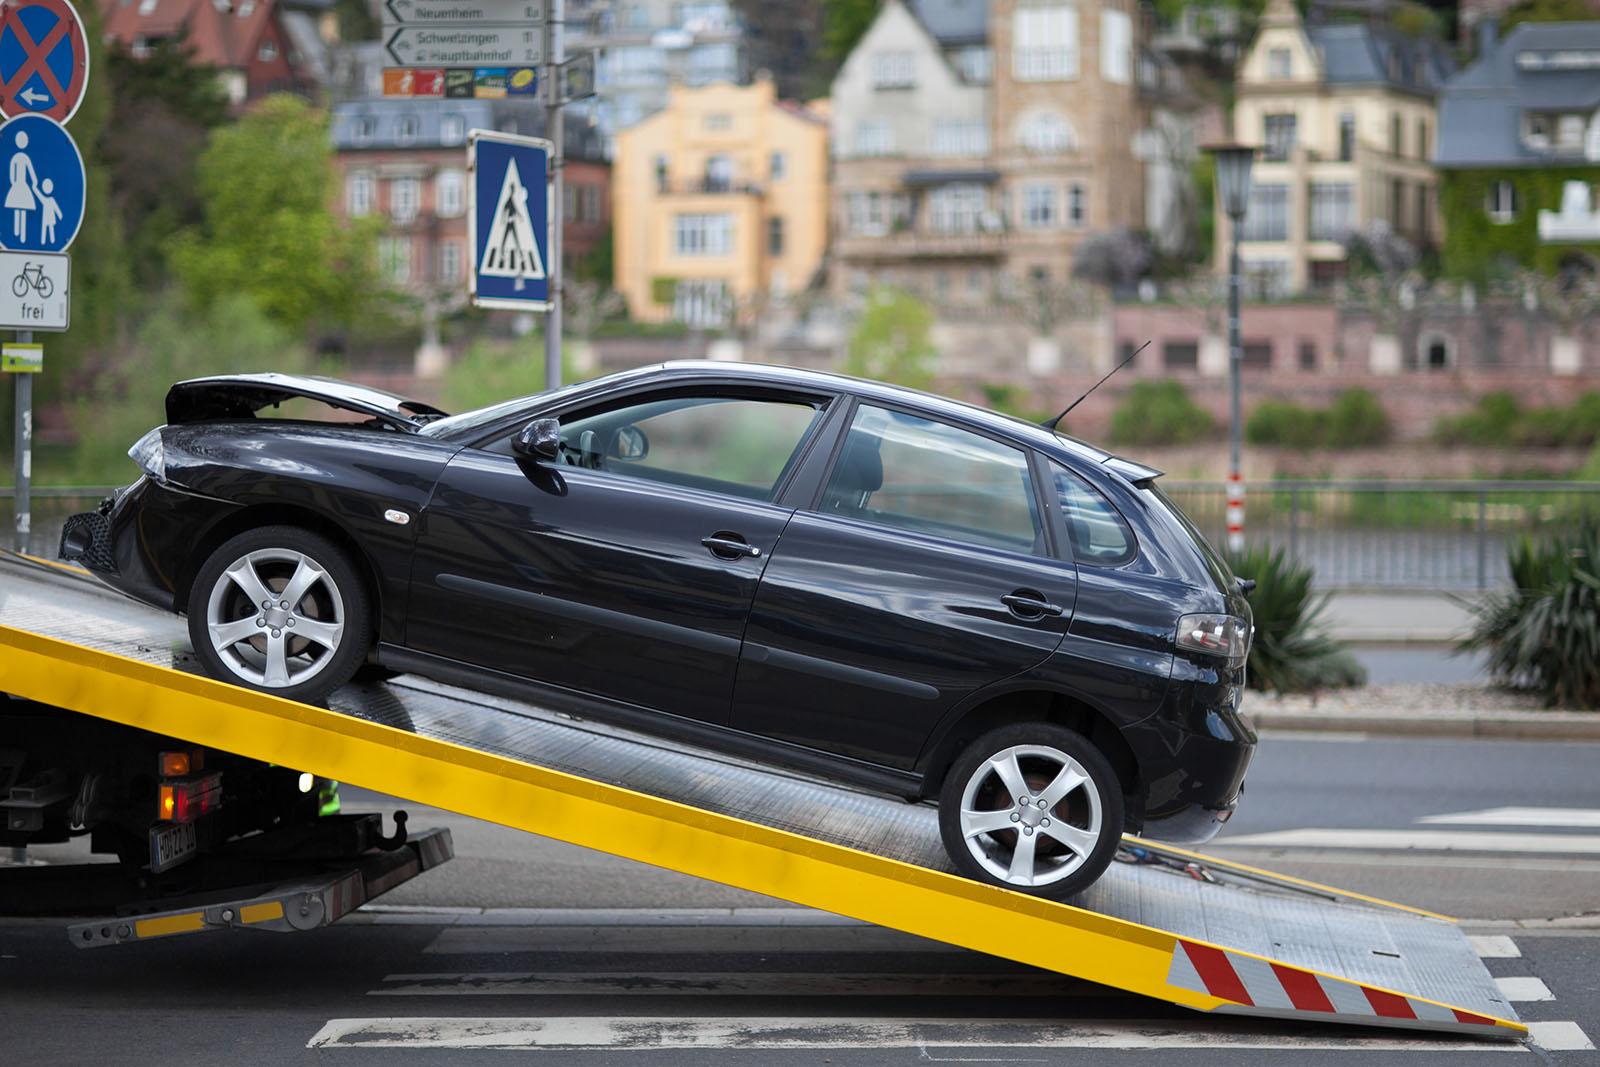 Vår bilskrot i Uppsala län hjälper dig skrota din bil.